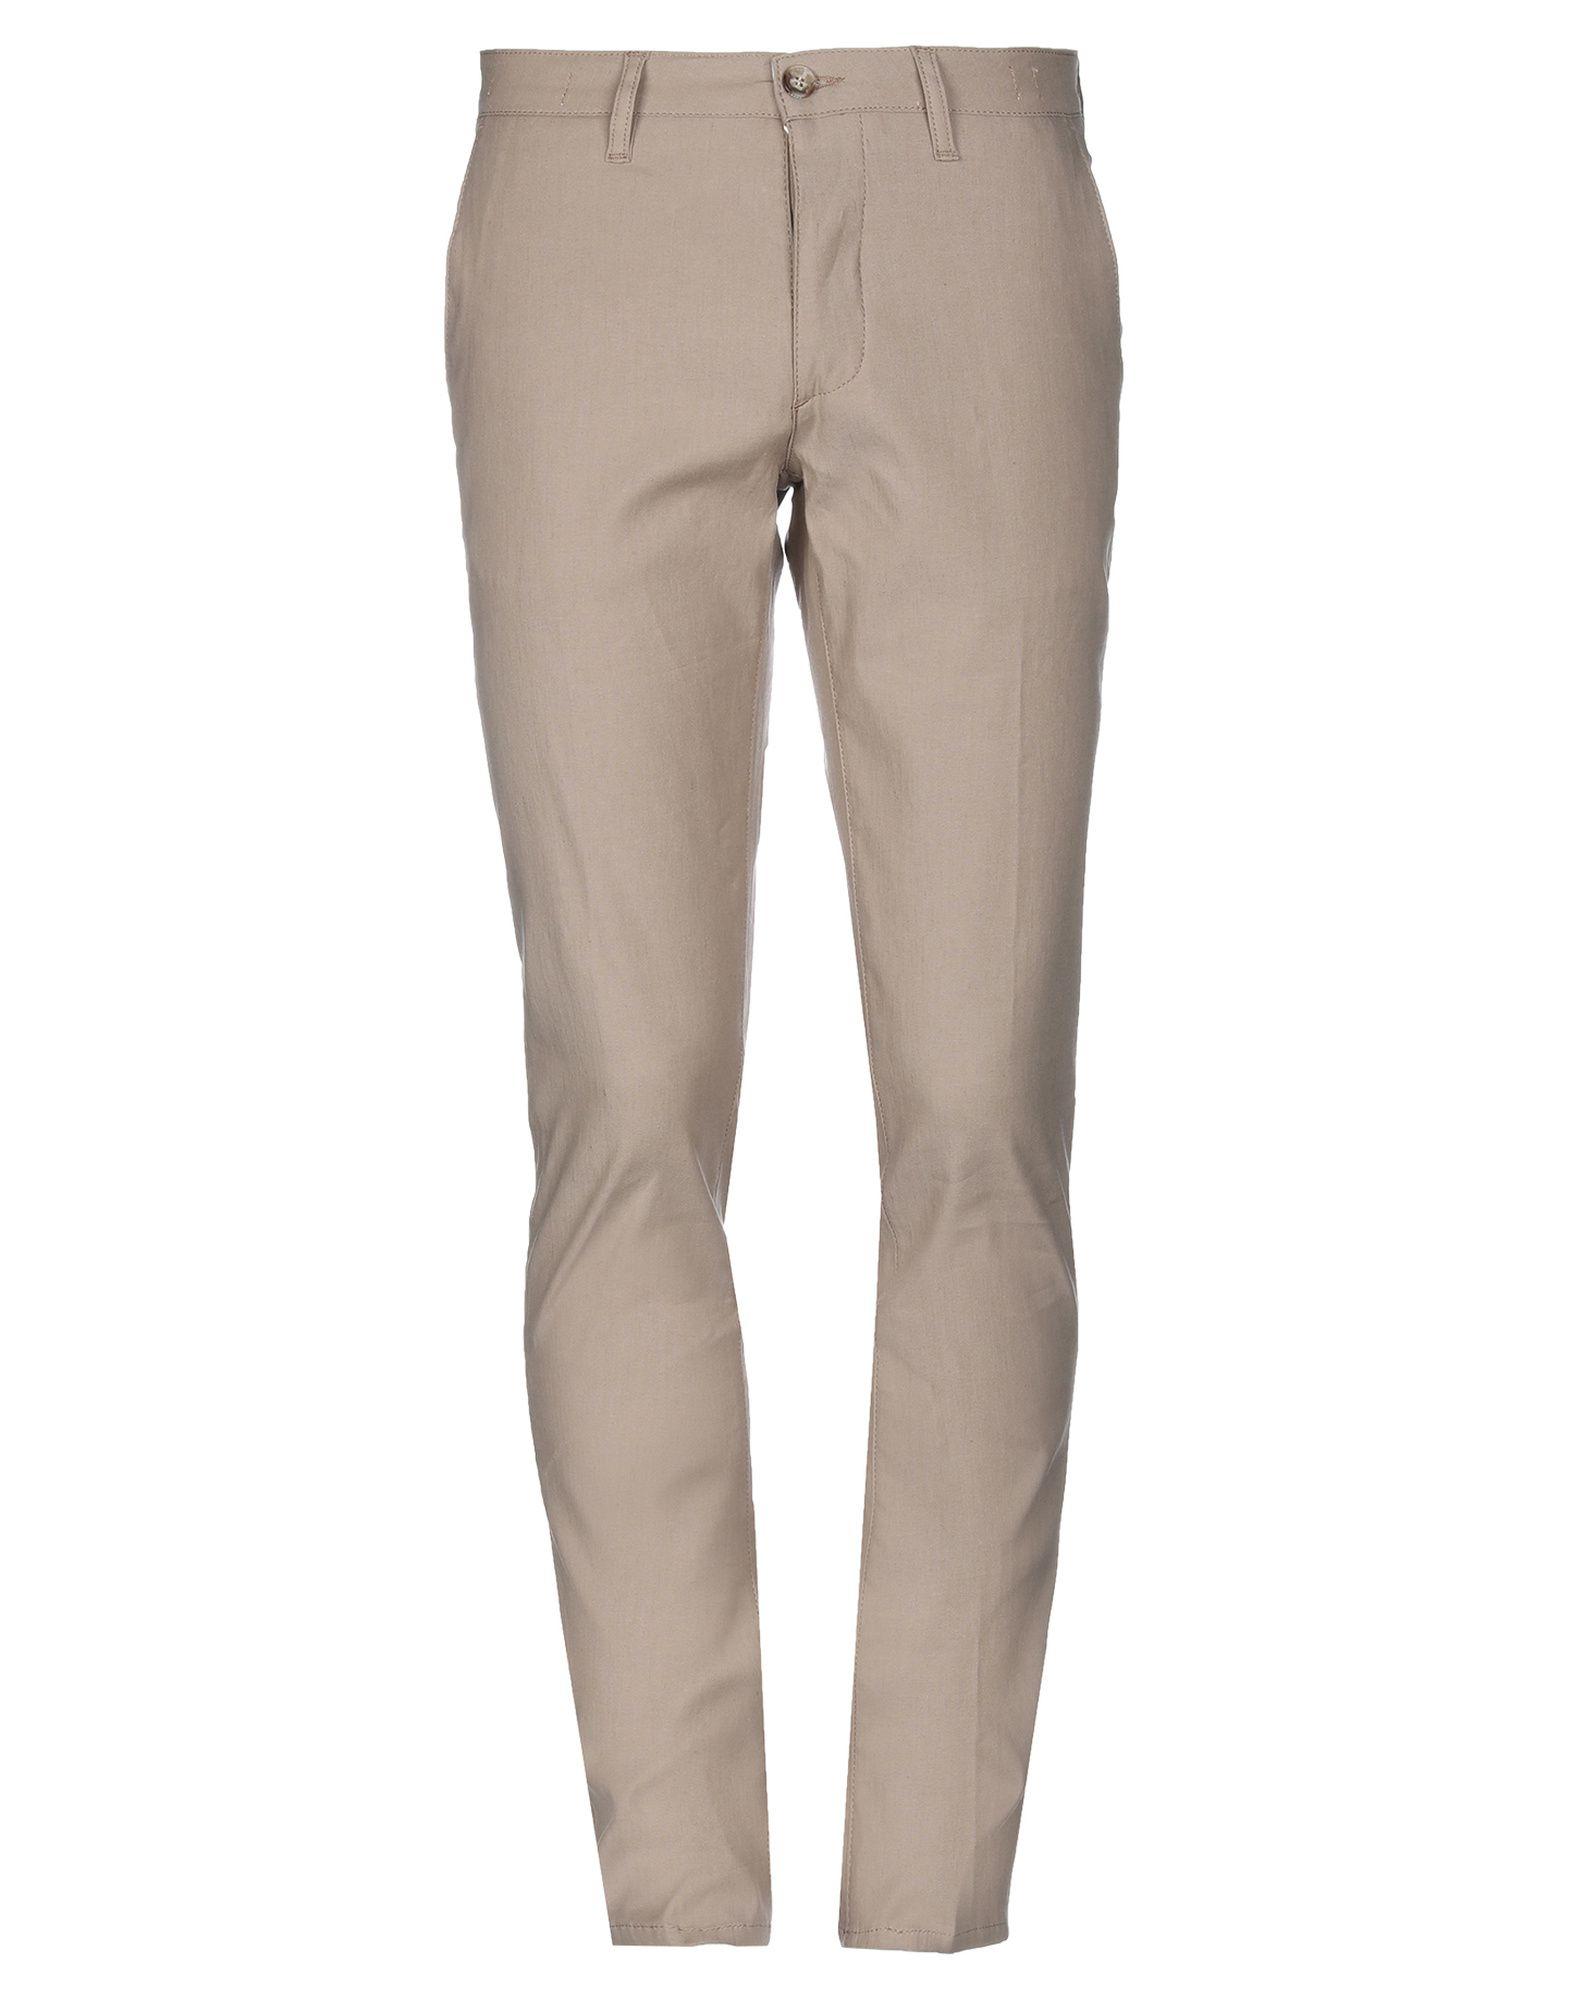 《期間限定セール中》CRUNA メンズ パンツ サンド 48 コットン